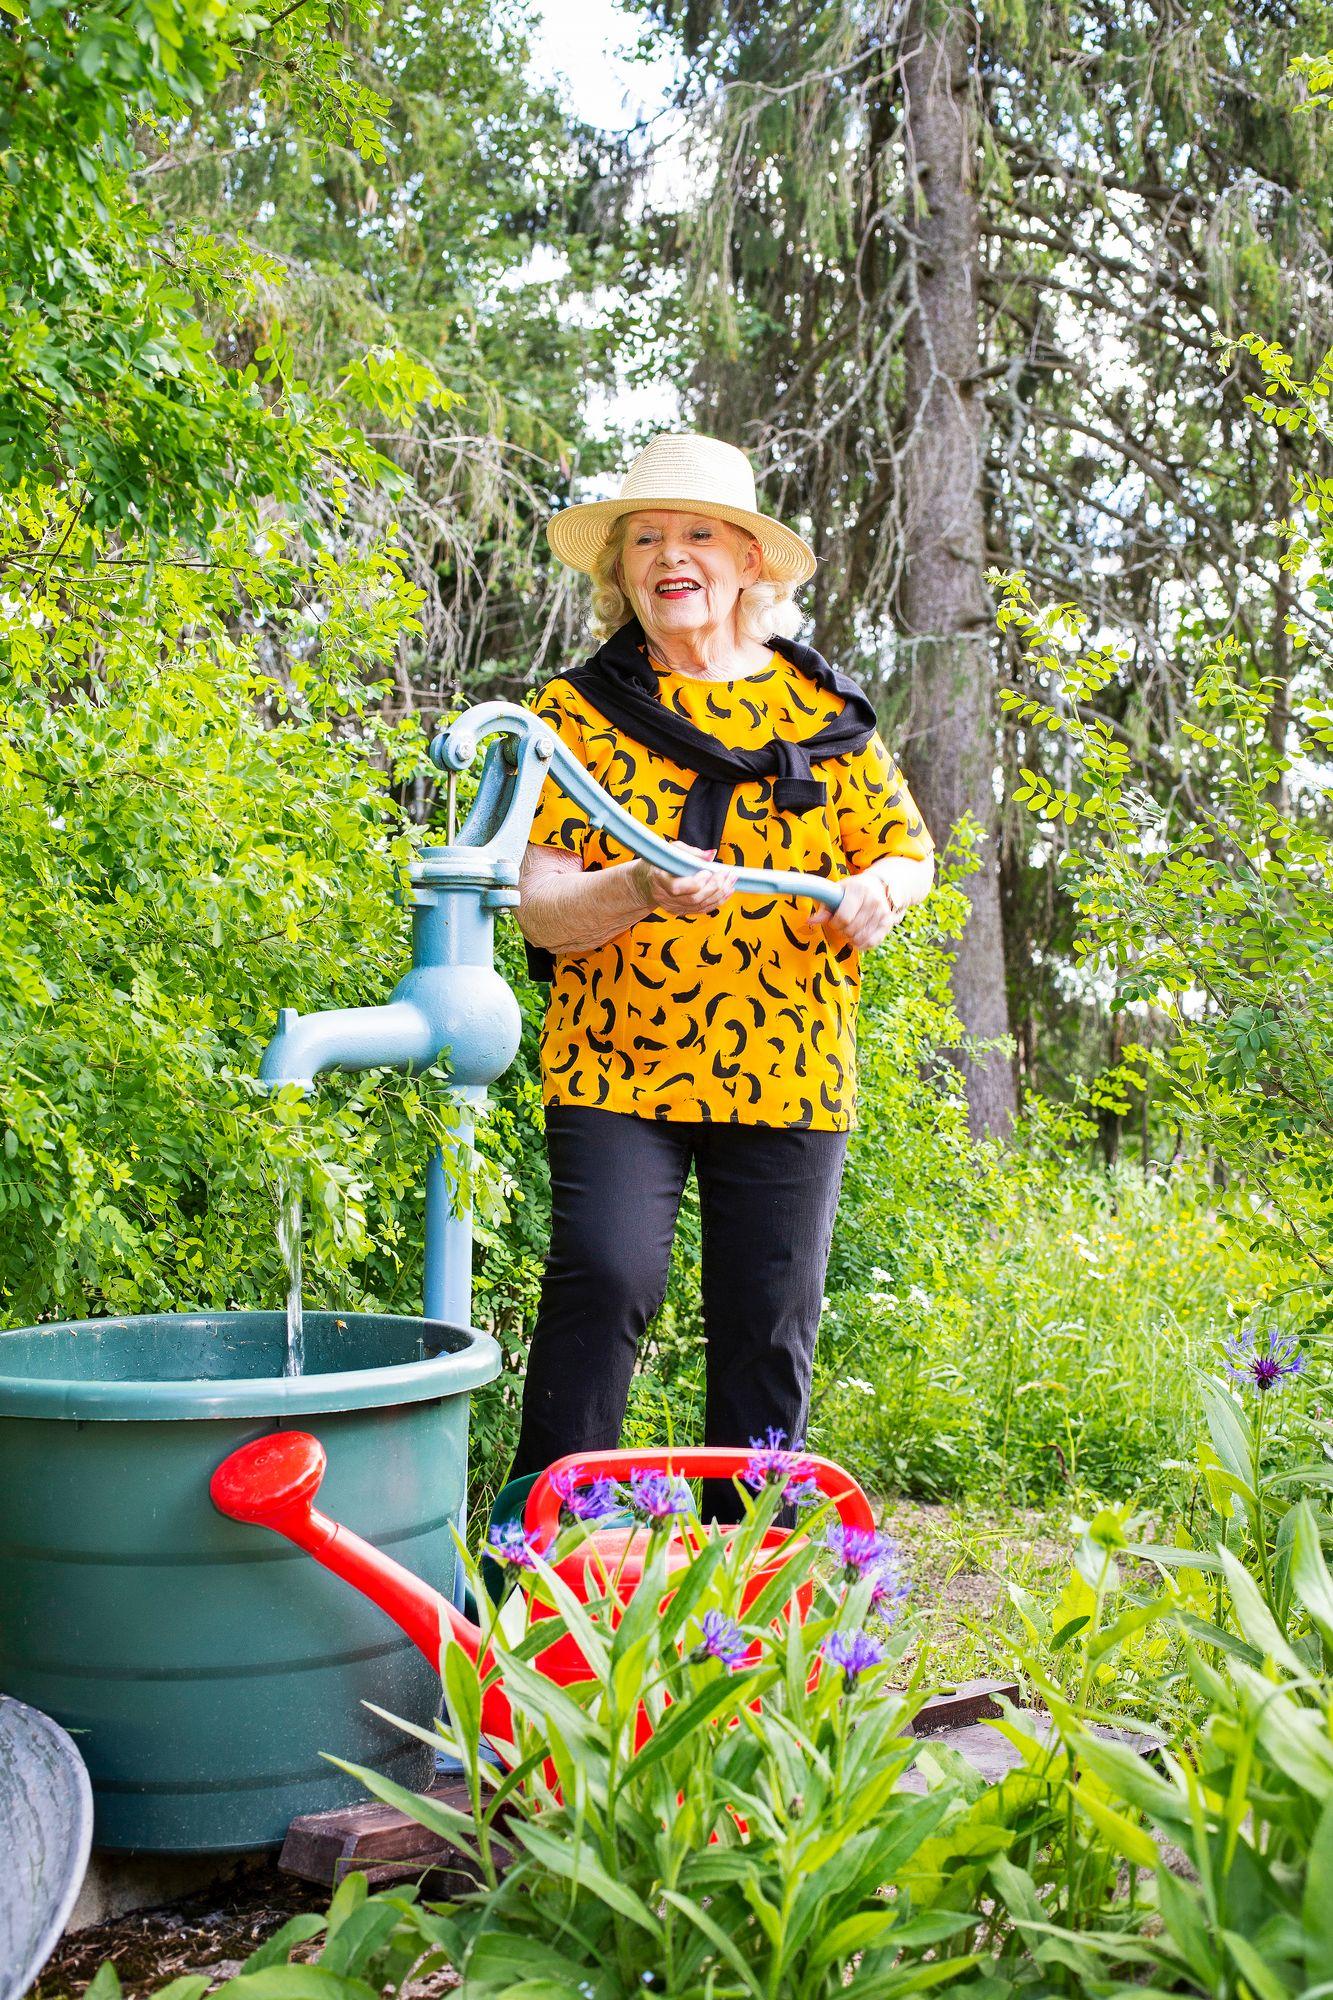 Vaikka Pirjo Tuominen pitää siitä, että ympärillä on siistiä ja asiat järjestyksessä, puutarhassa hän ei tavoittele turhan tarkkaa lopputulosta. Luonto saa myös rehottaa. © Tiiu Kaitalo